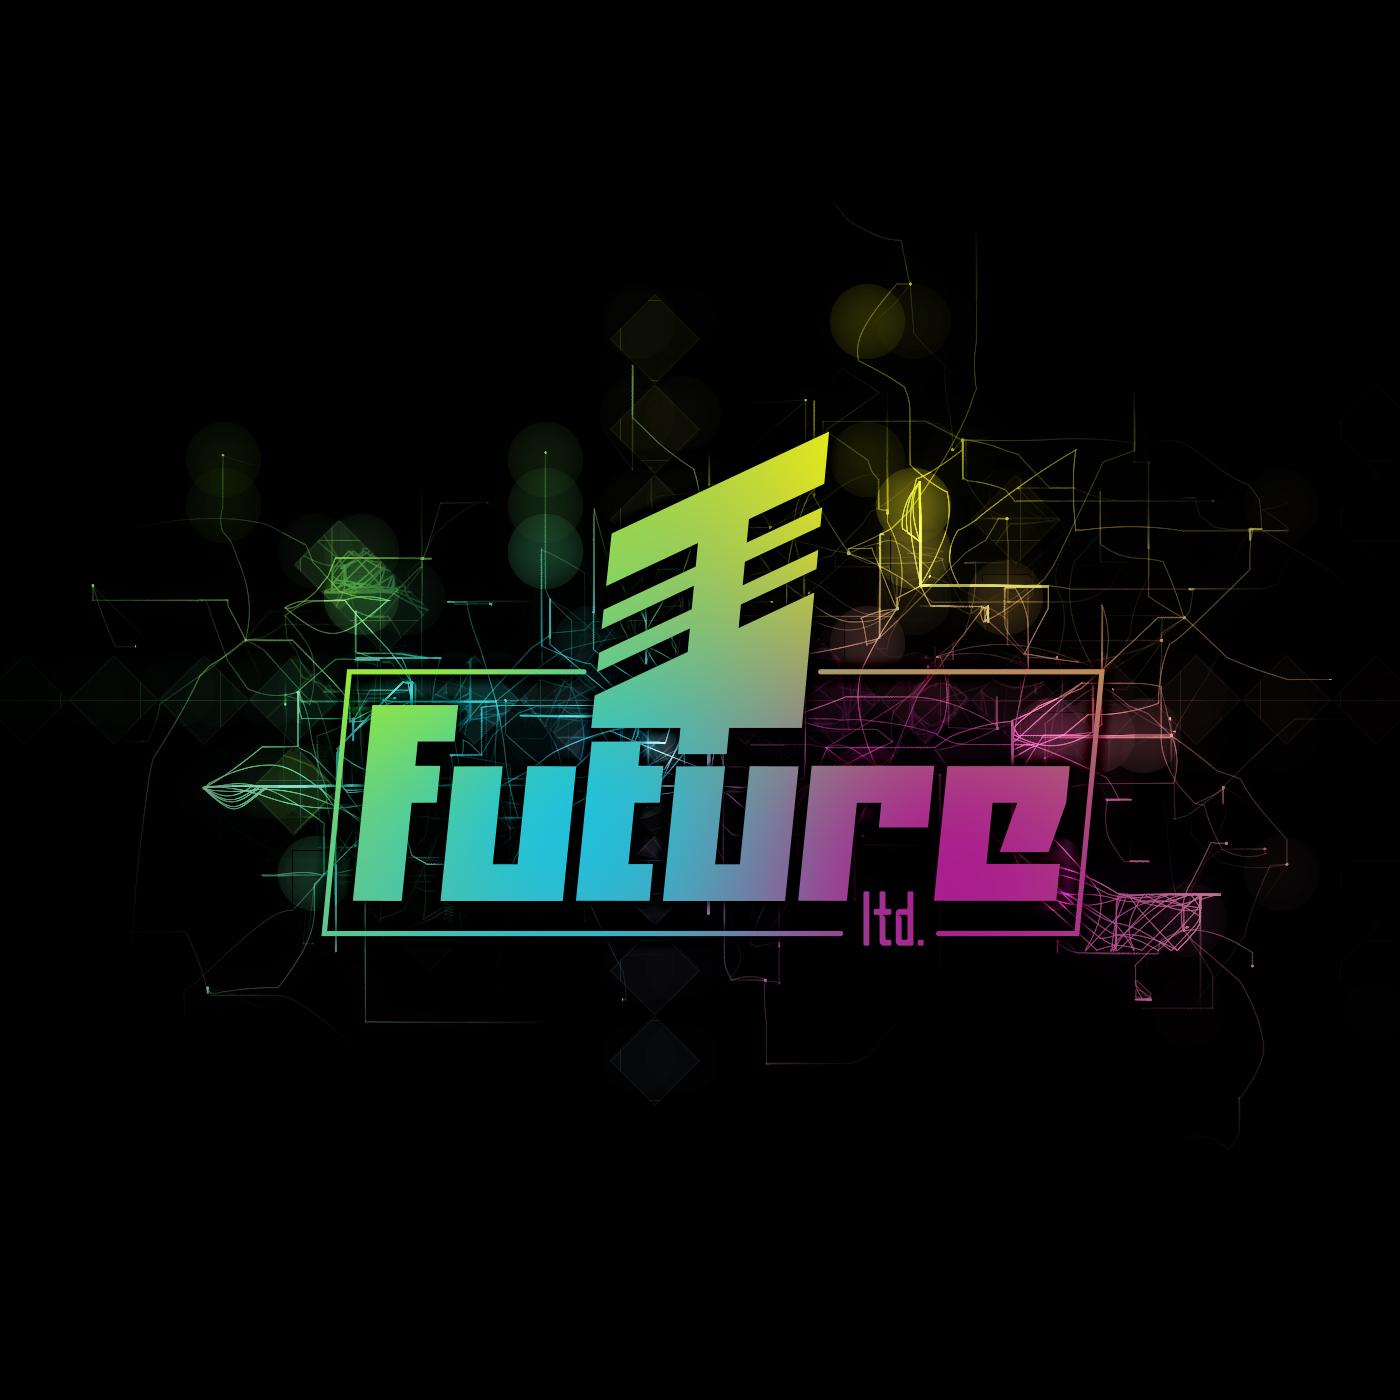 Future_ltd_iTunes_1400x1400.jpg